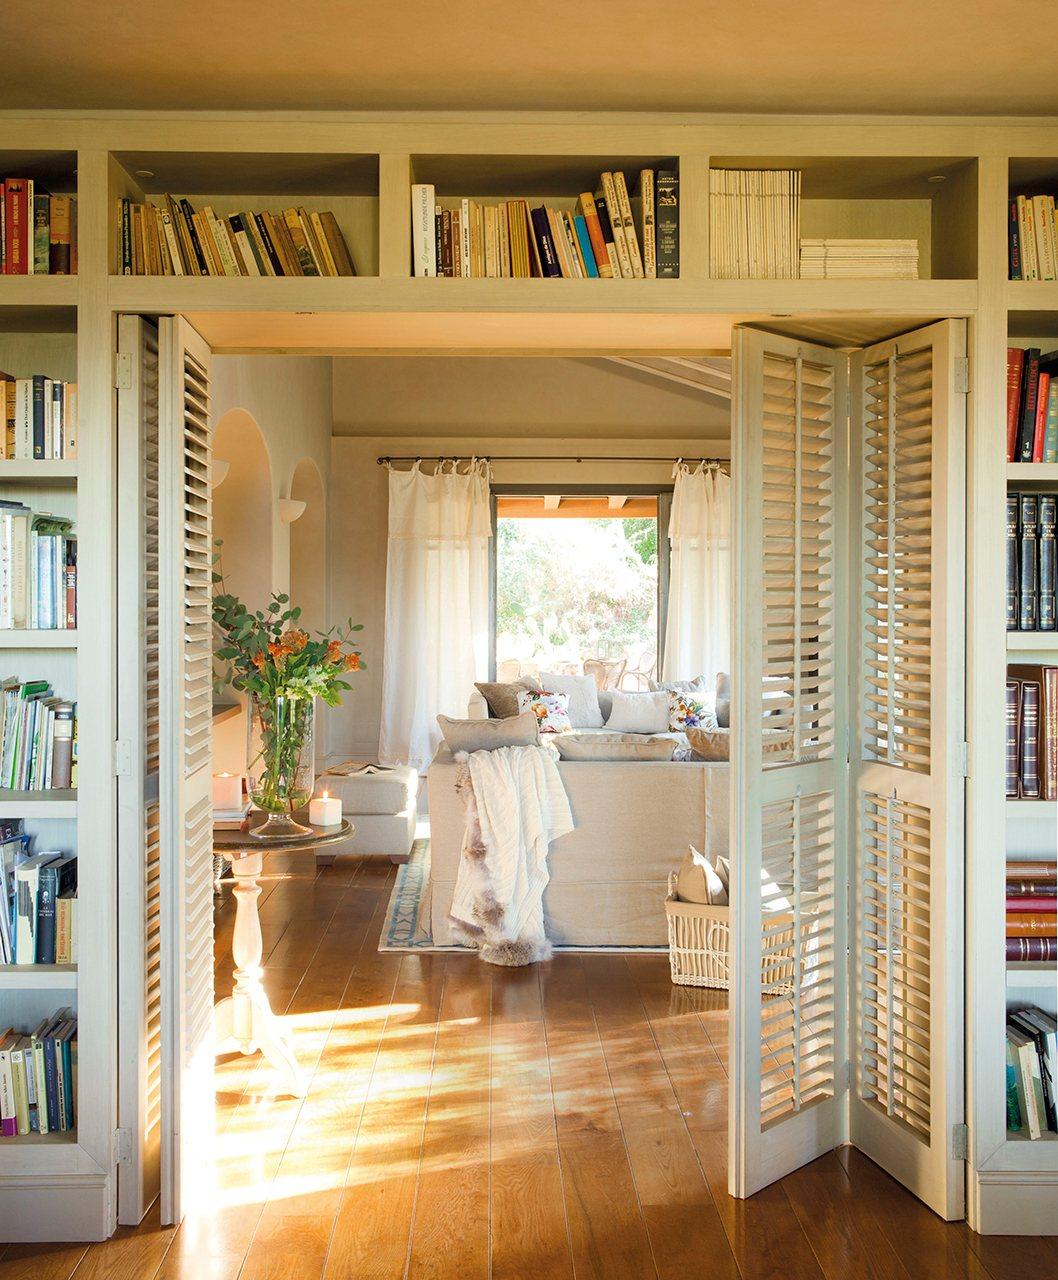 Gana una librer a extra aprovechando rincones for Fotos de librerias de salon